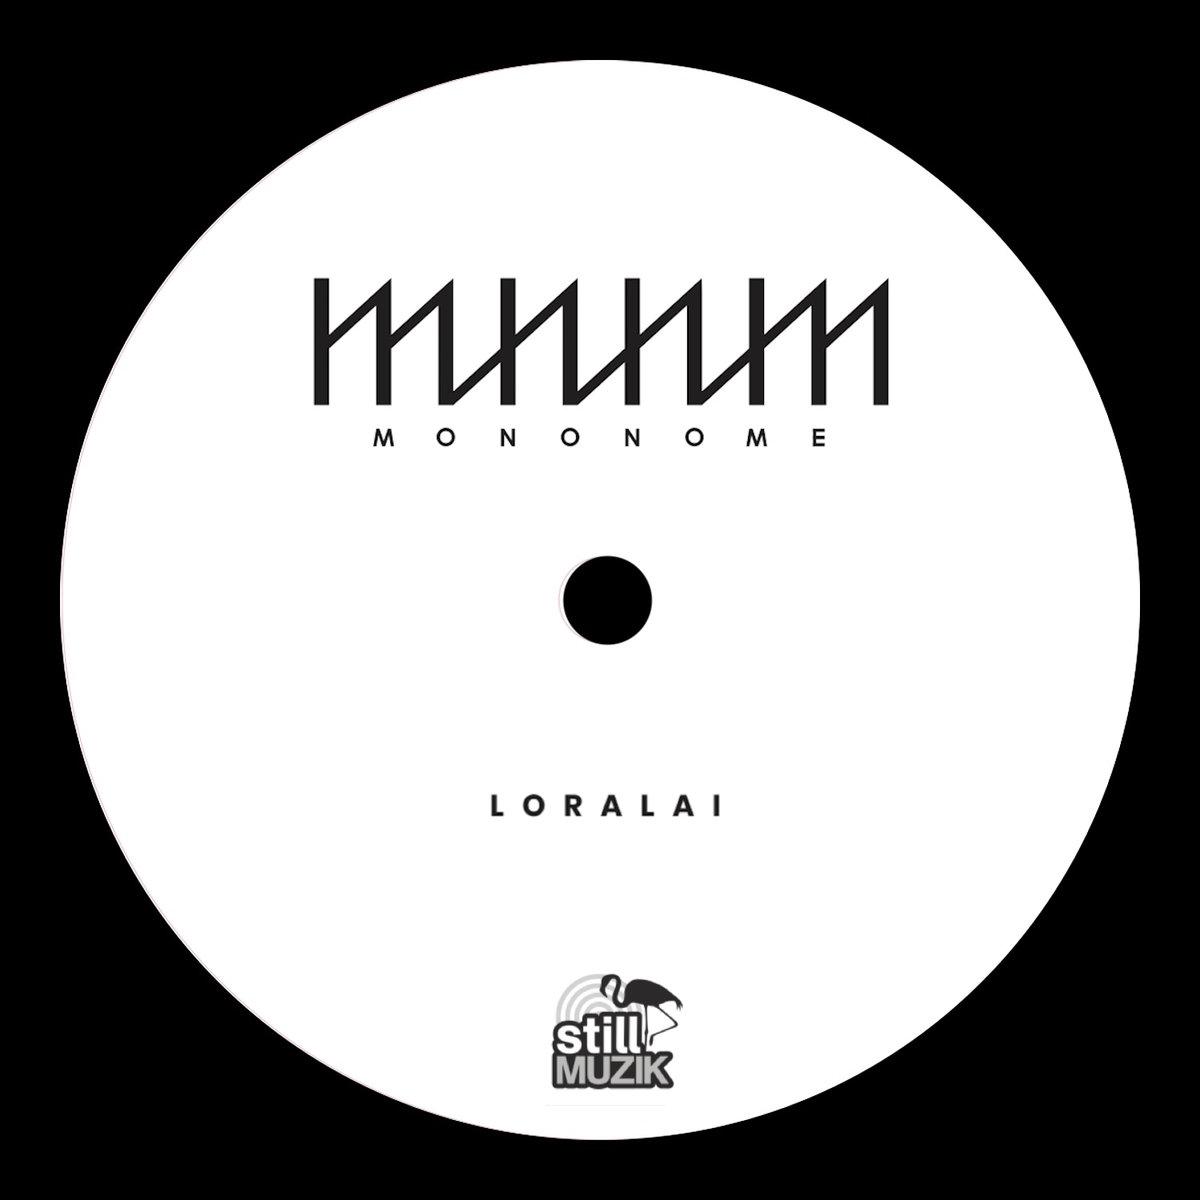 Mononome – Loralai